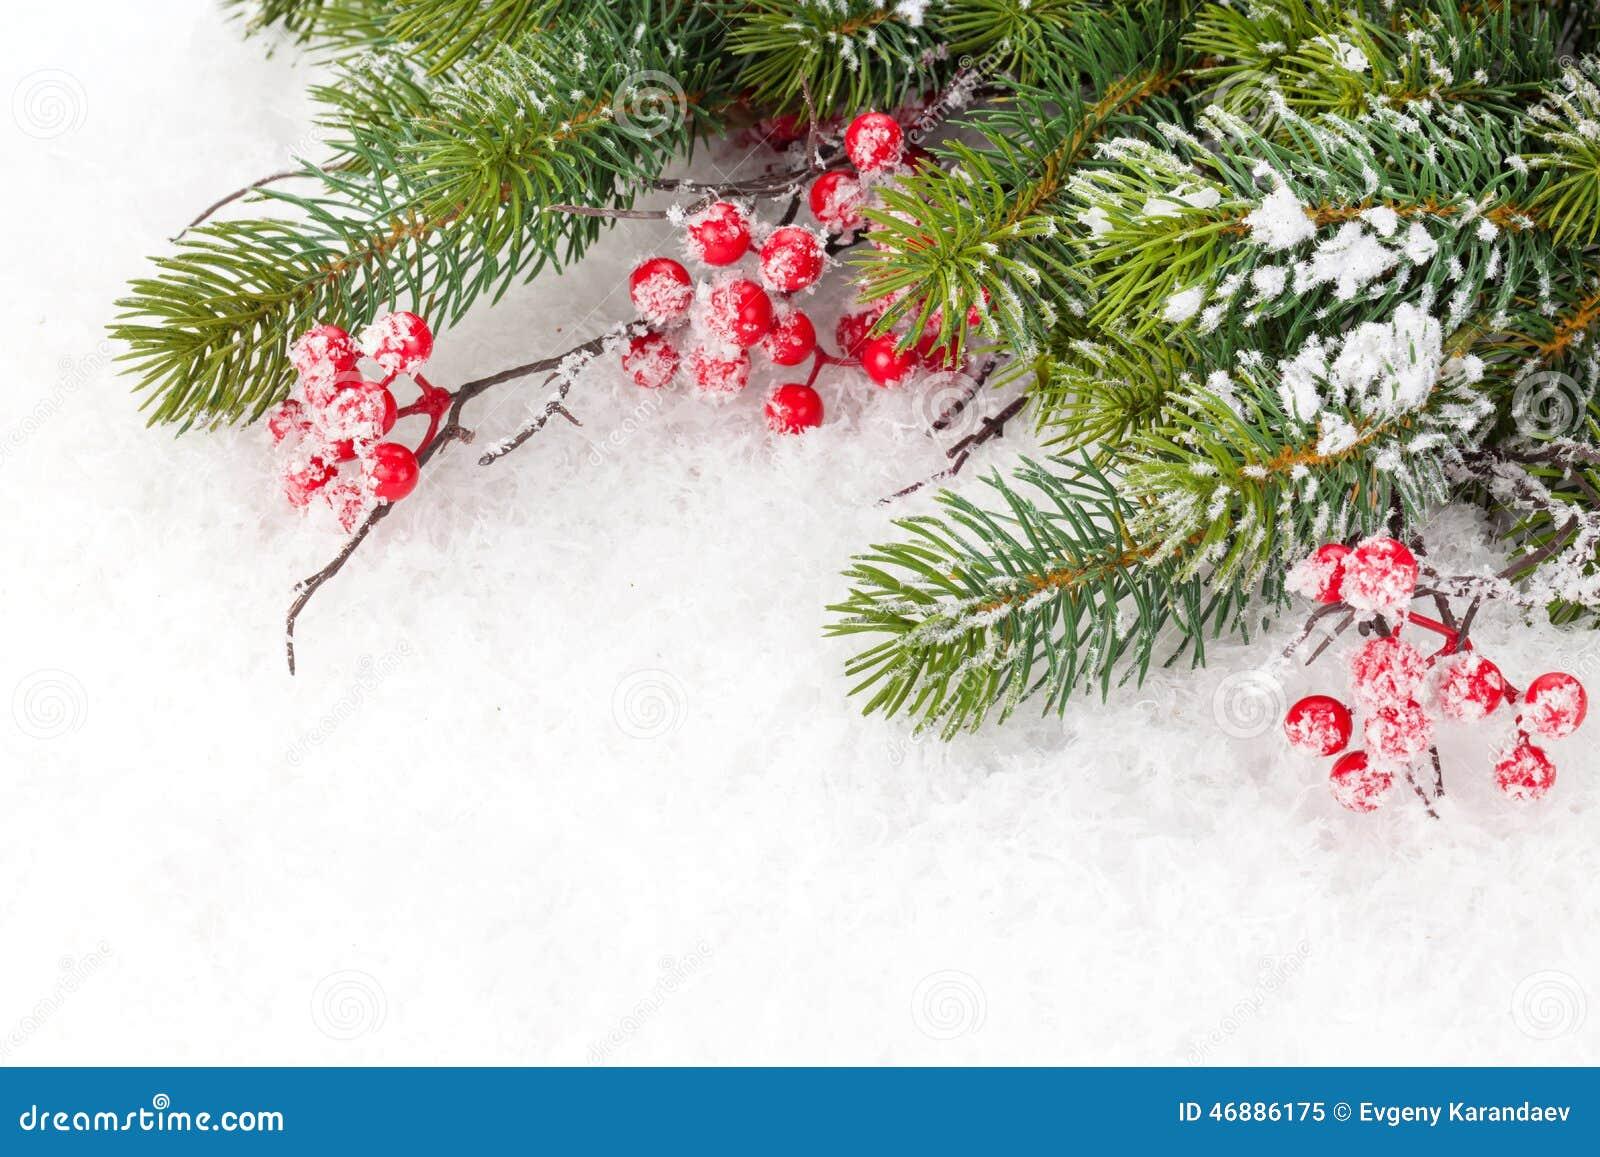 branche d 39 arbre de sapin de no l avec la baie de houx image stock image 46886175. Black Bedroom Furniture Sets. Home Design Ideas